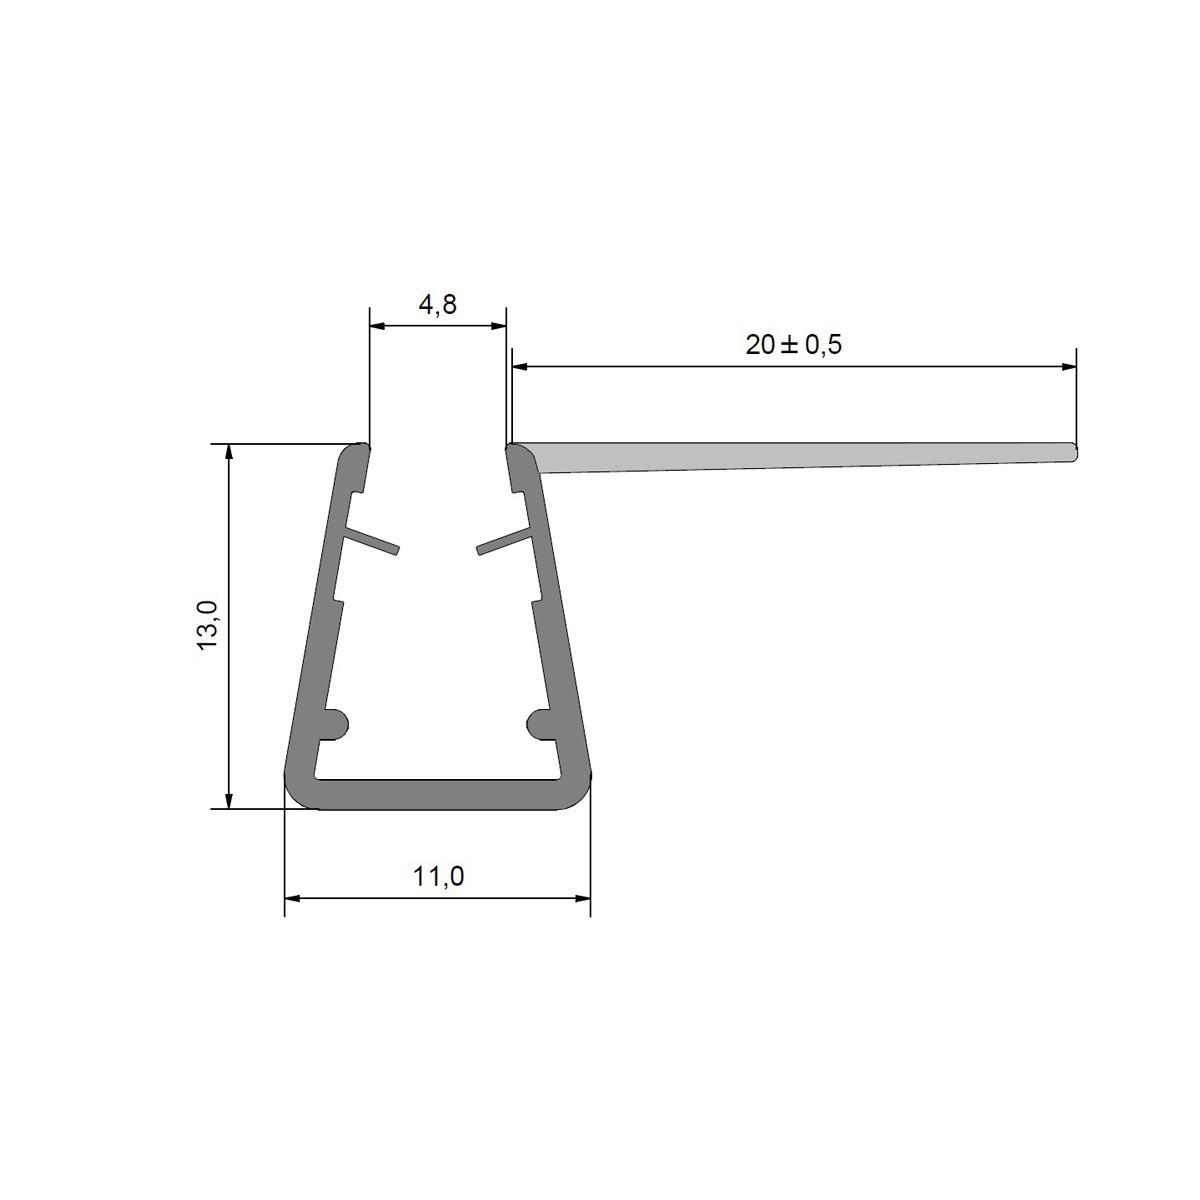 Duschdichtung Dichtprofil Anschlagdichtung Eckanschlagprofil 90 ° für 5-6 mm Glas Duschen, 1000mm